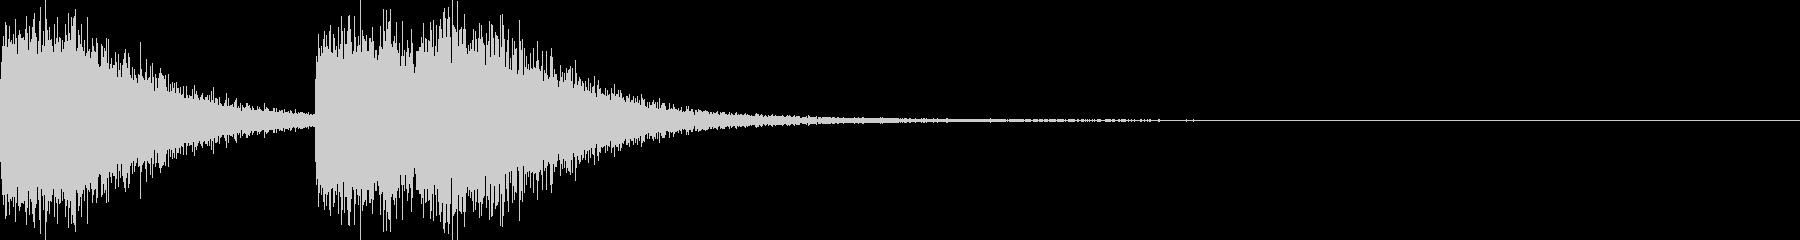 ガシャガシャ(暴れる・ノイズ有り)1の未再生の波形